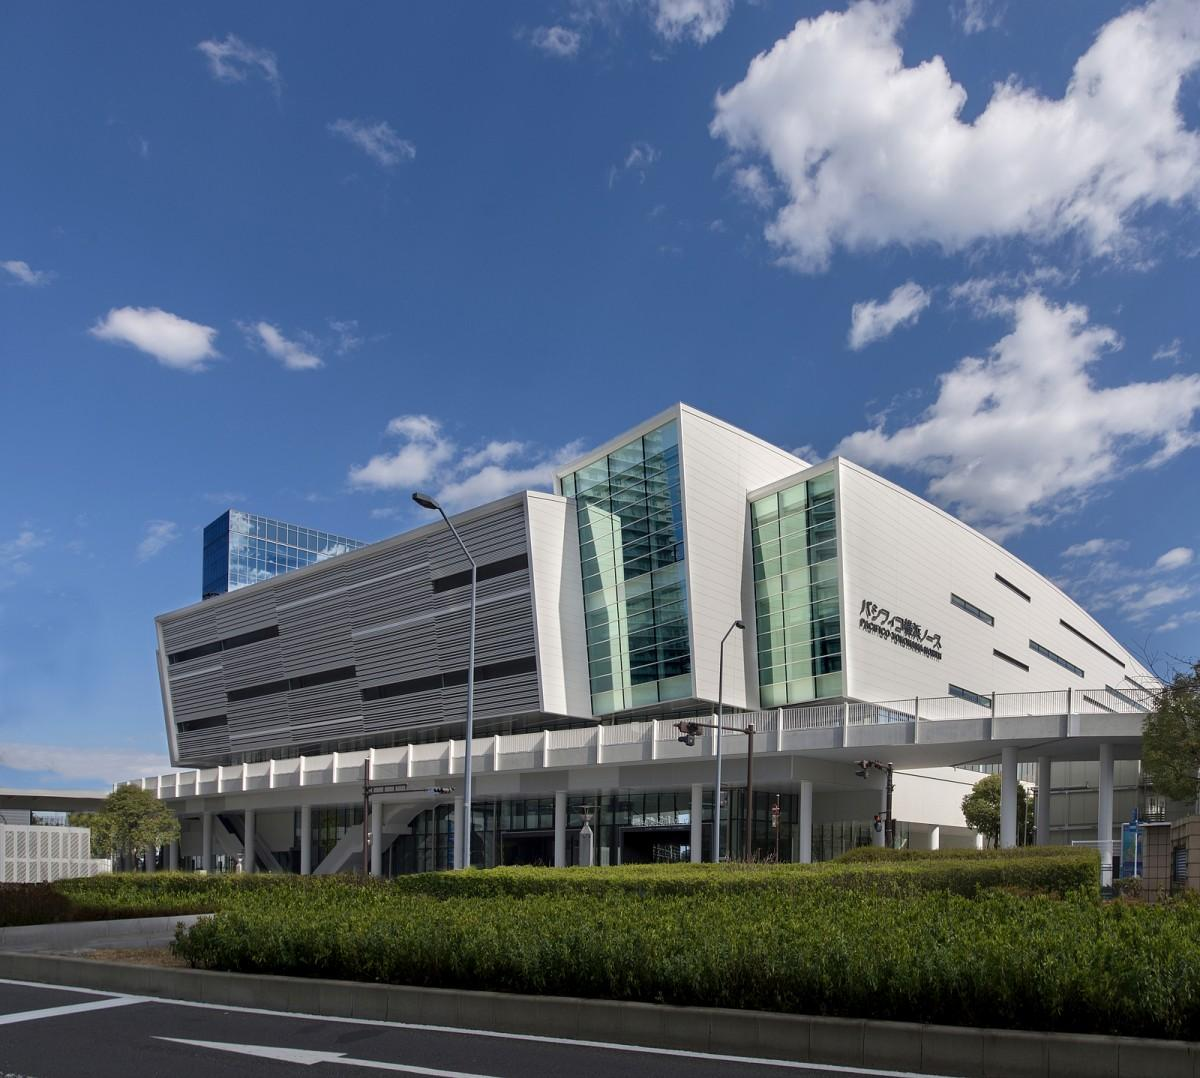 パシフィコ横浜ノース、「汀(みぎわ)」をイメージした外観